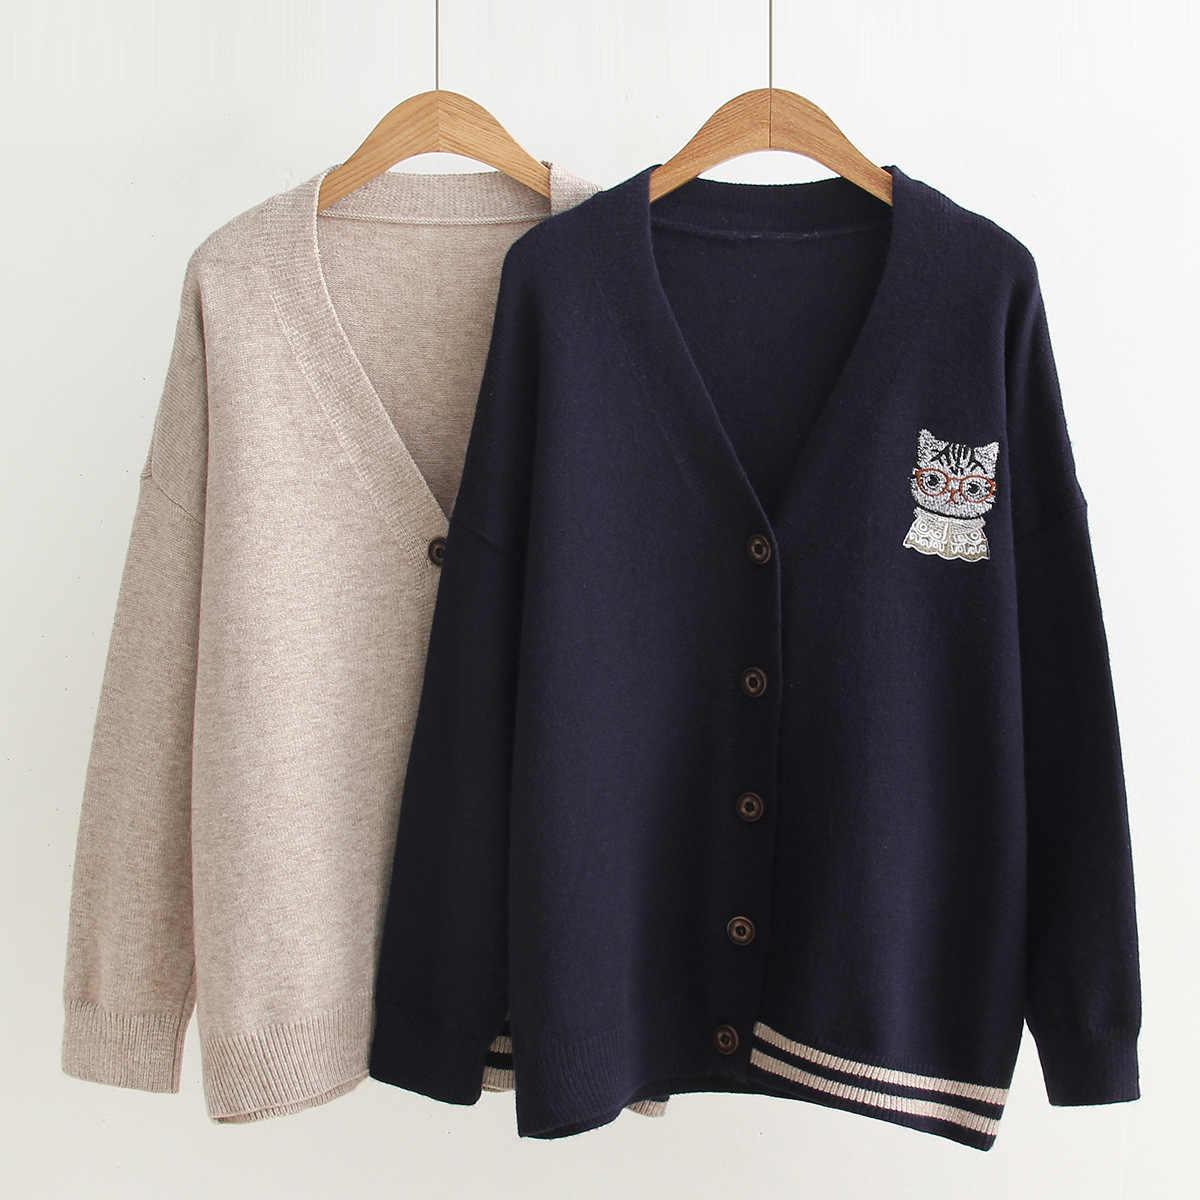 모리 소녀 가을 스웨터 여성 preppy 스타일 솔리드 v-목 knited 만화 고양이 자수 여성 부드러운 따뜻한 스웨터 카디건 u036